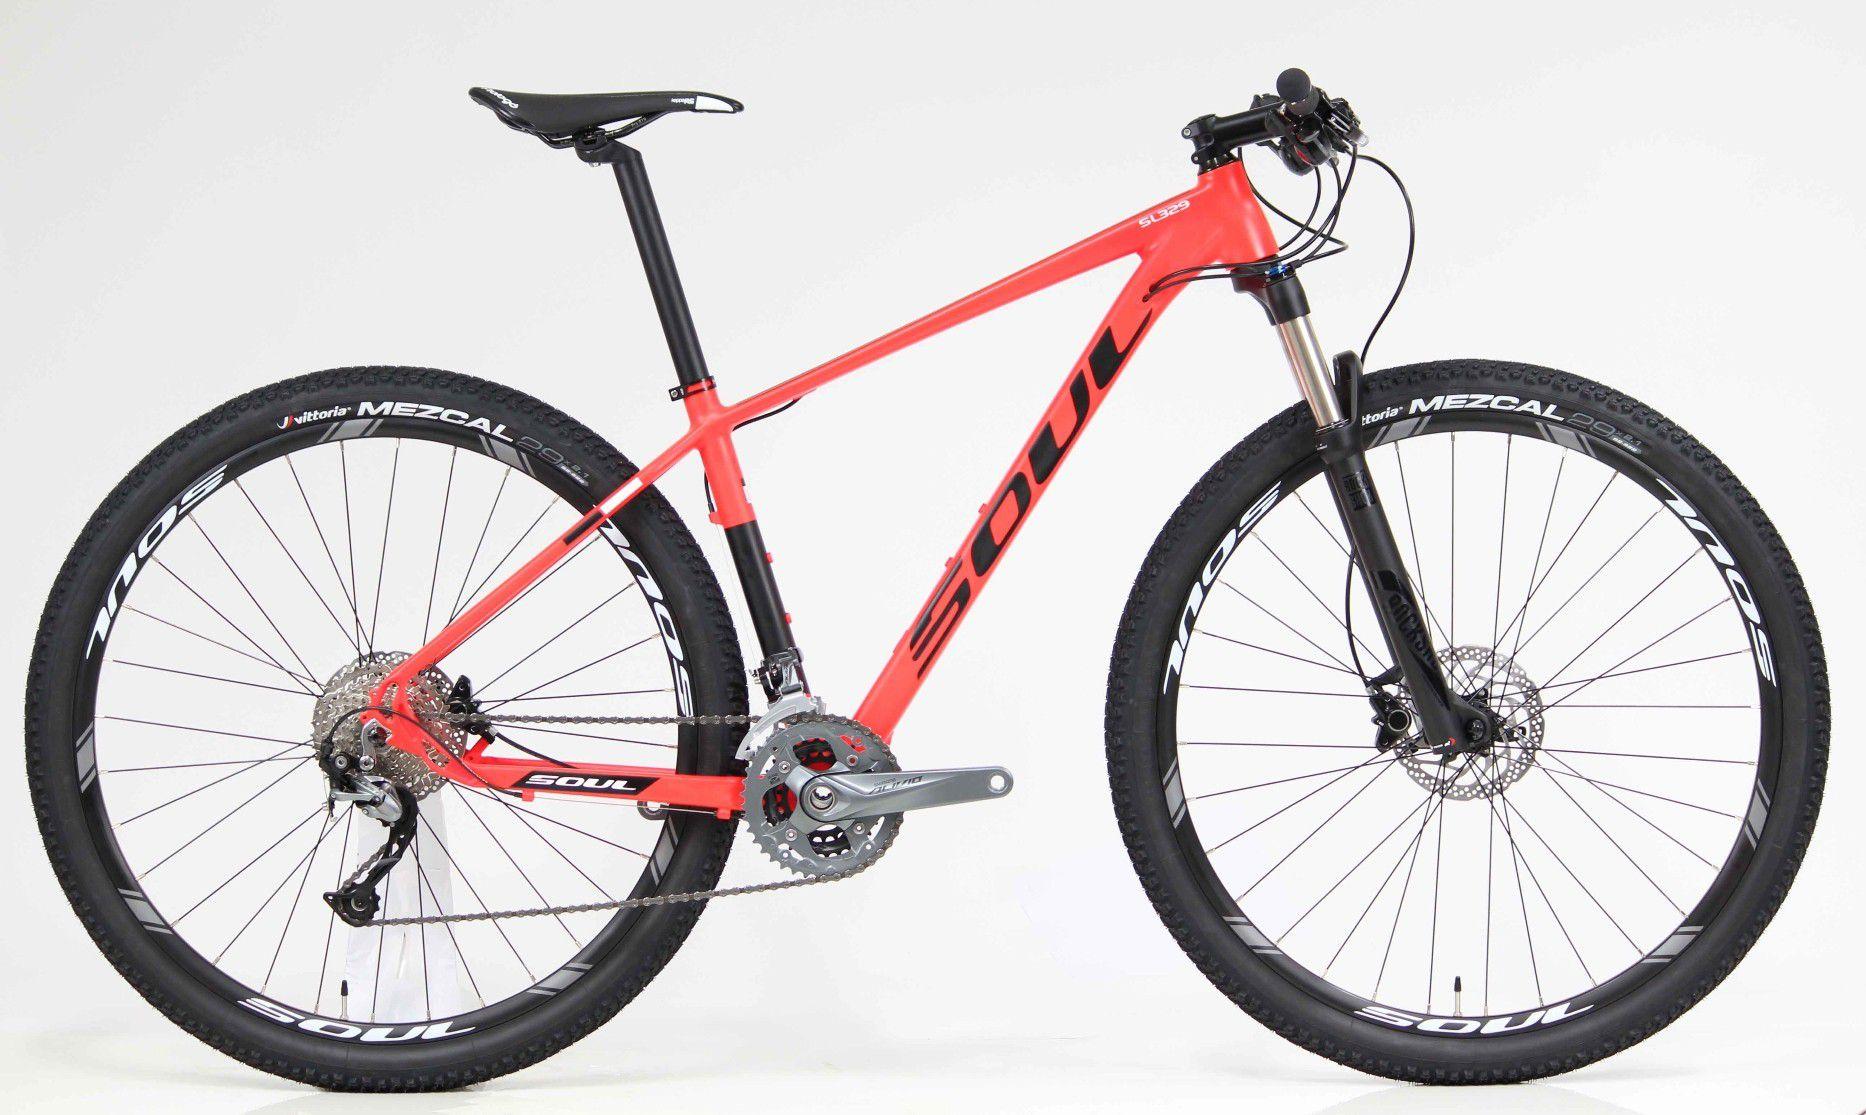 Bicicleta Aro 29 Soul SL329 27V Alivio Rock Shox Vmo 2018